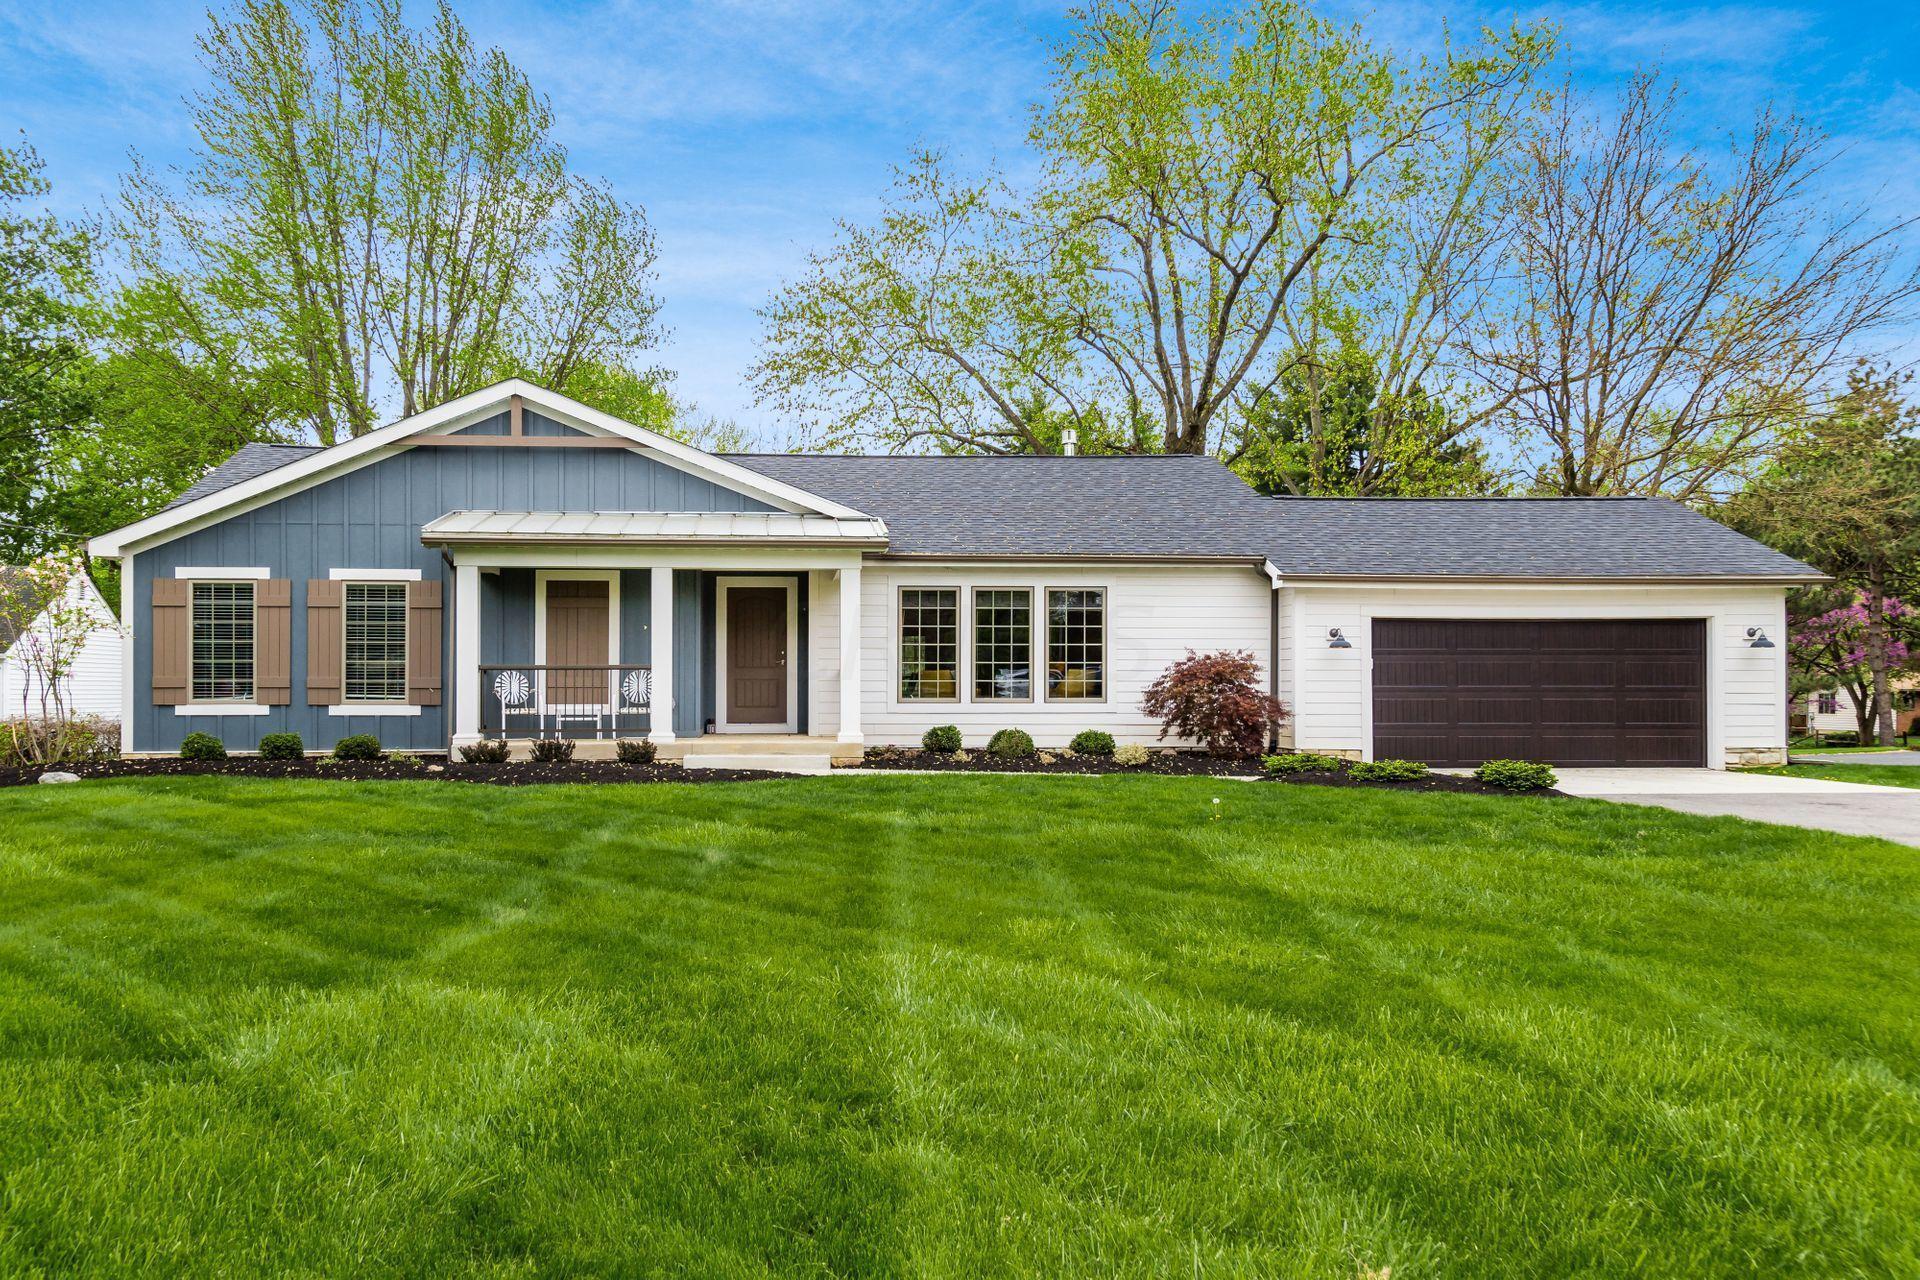 Photo of 6636 Worthington Galena Road, Worthington, OH 43085